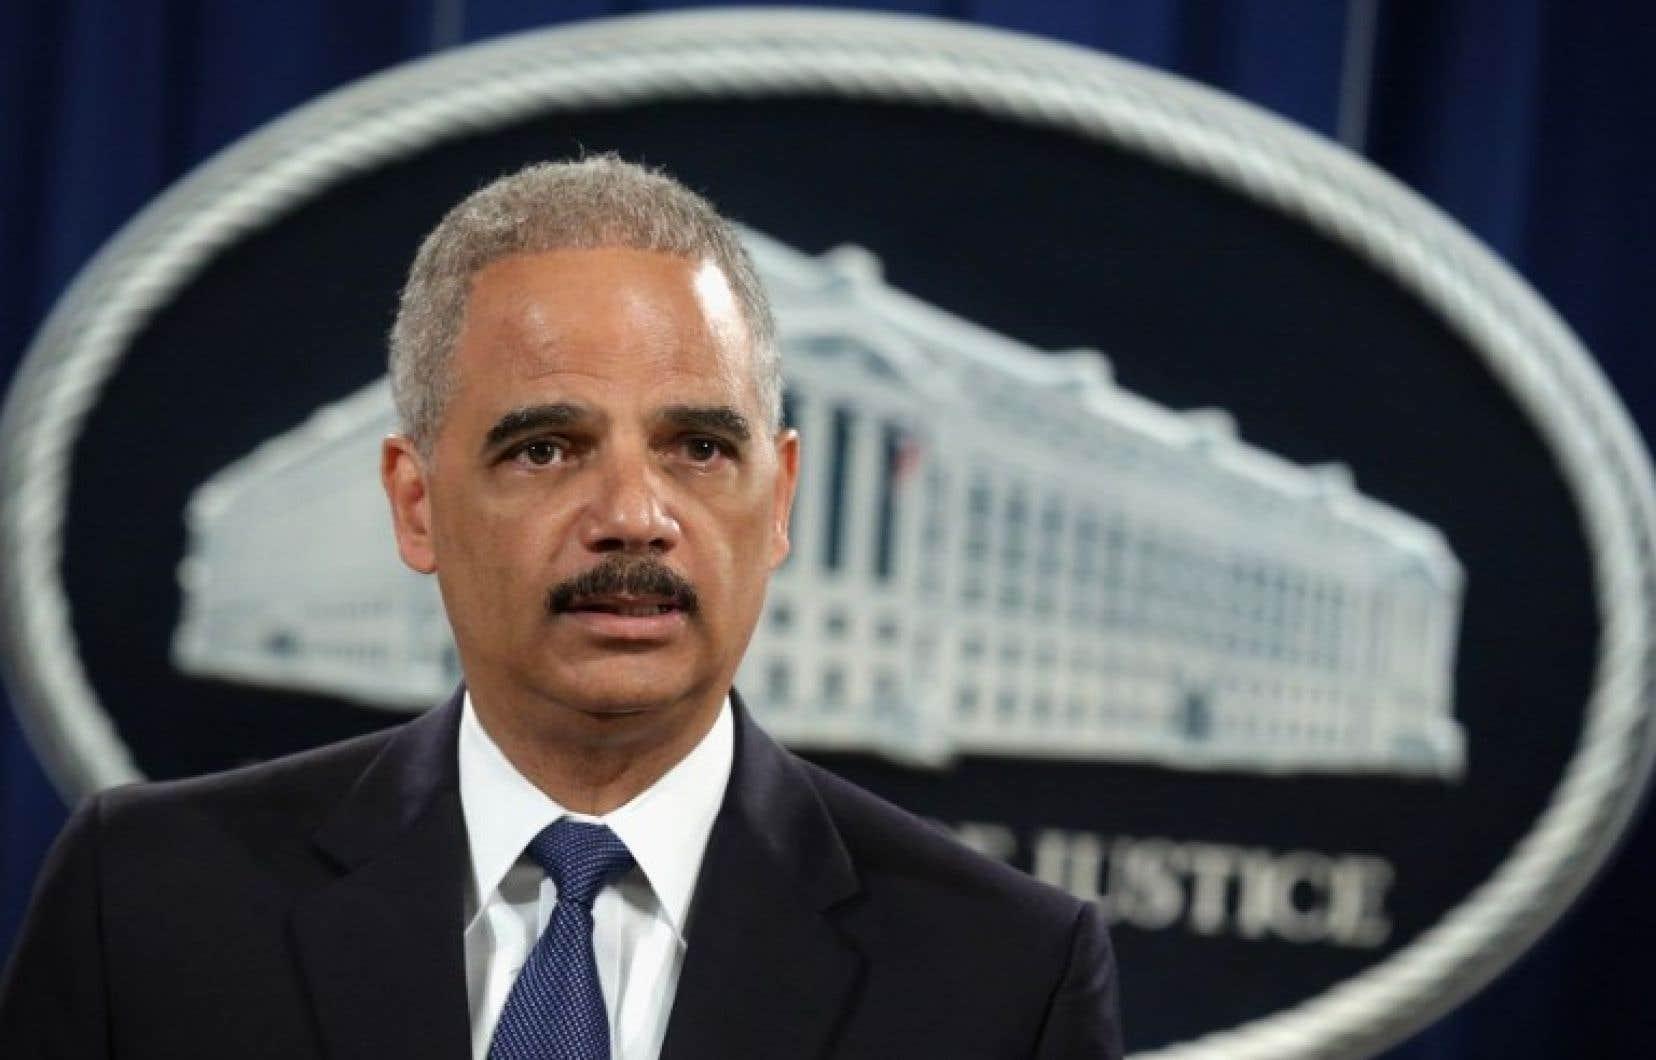 Le ministre américain de la Justice, Eric Holder, a fait valoir que l'ampleur du piratage présumé exigeait une «réponse agressive » de la part du gouvernement américain.